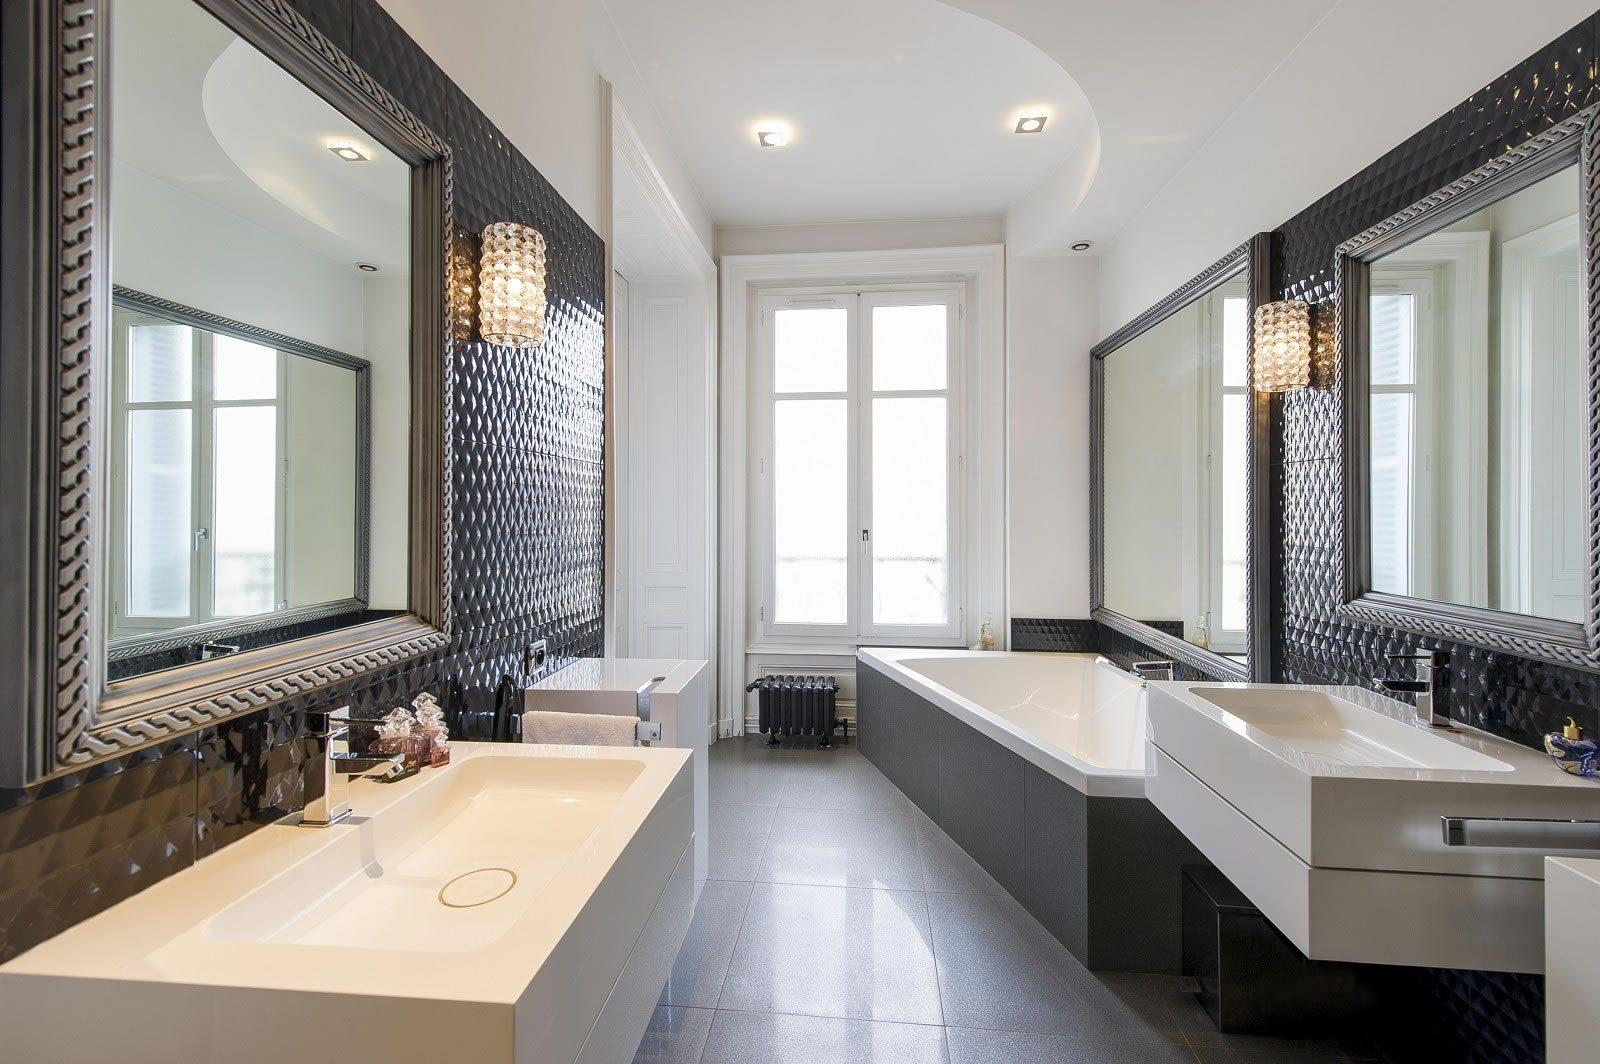 Appartement de grand luxe  vendre  Lyon  quartier Foch  Immeuble de luxe  5 chambres  2